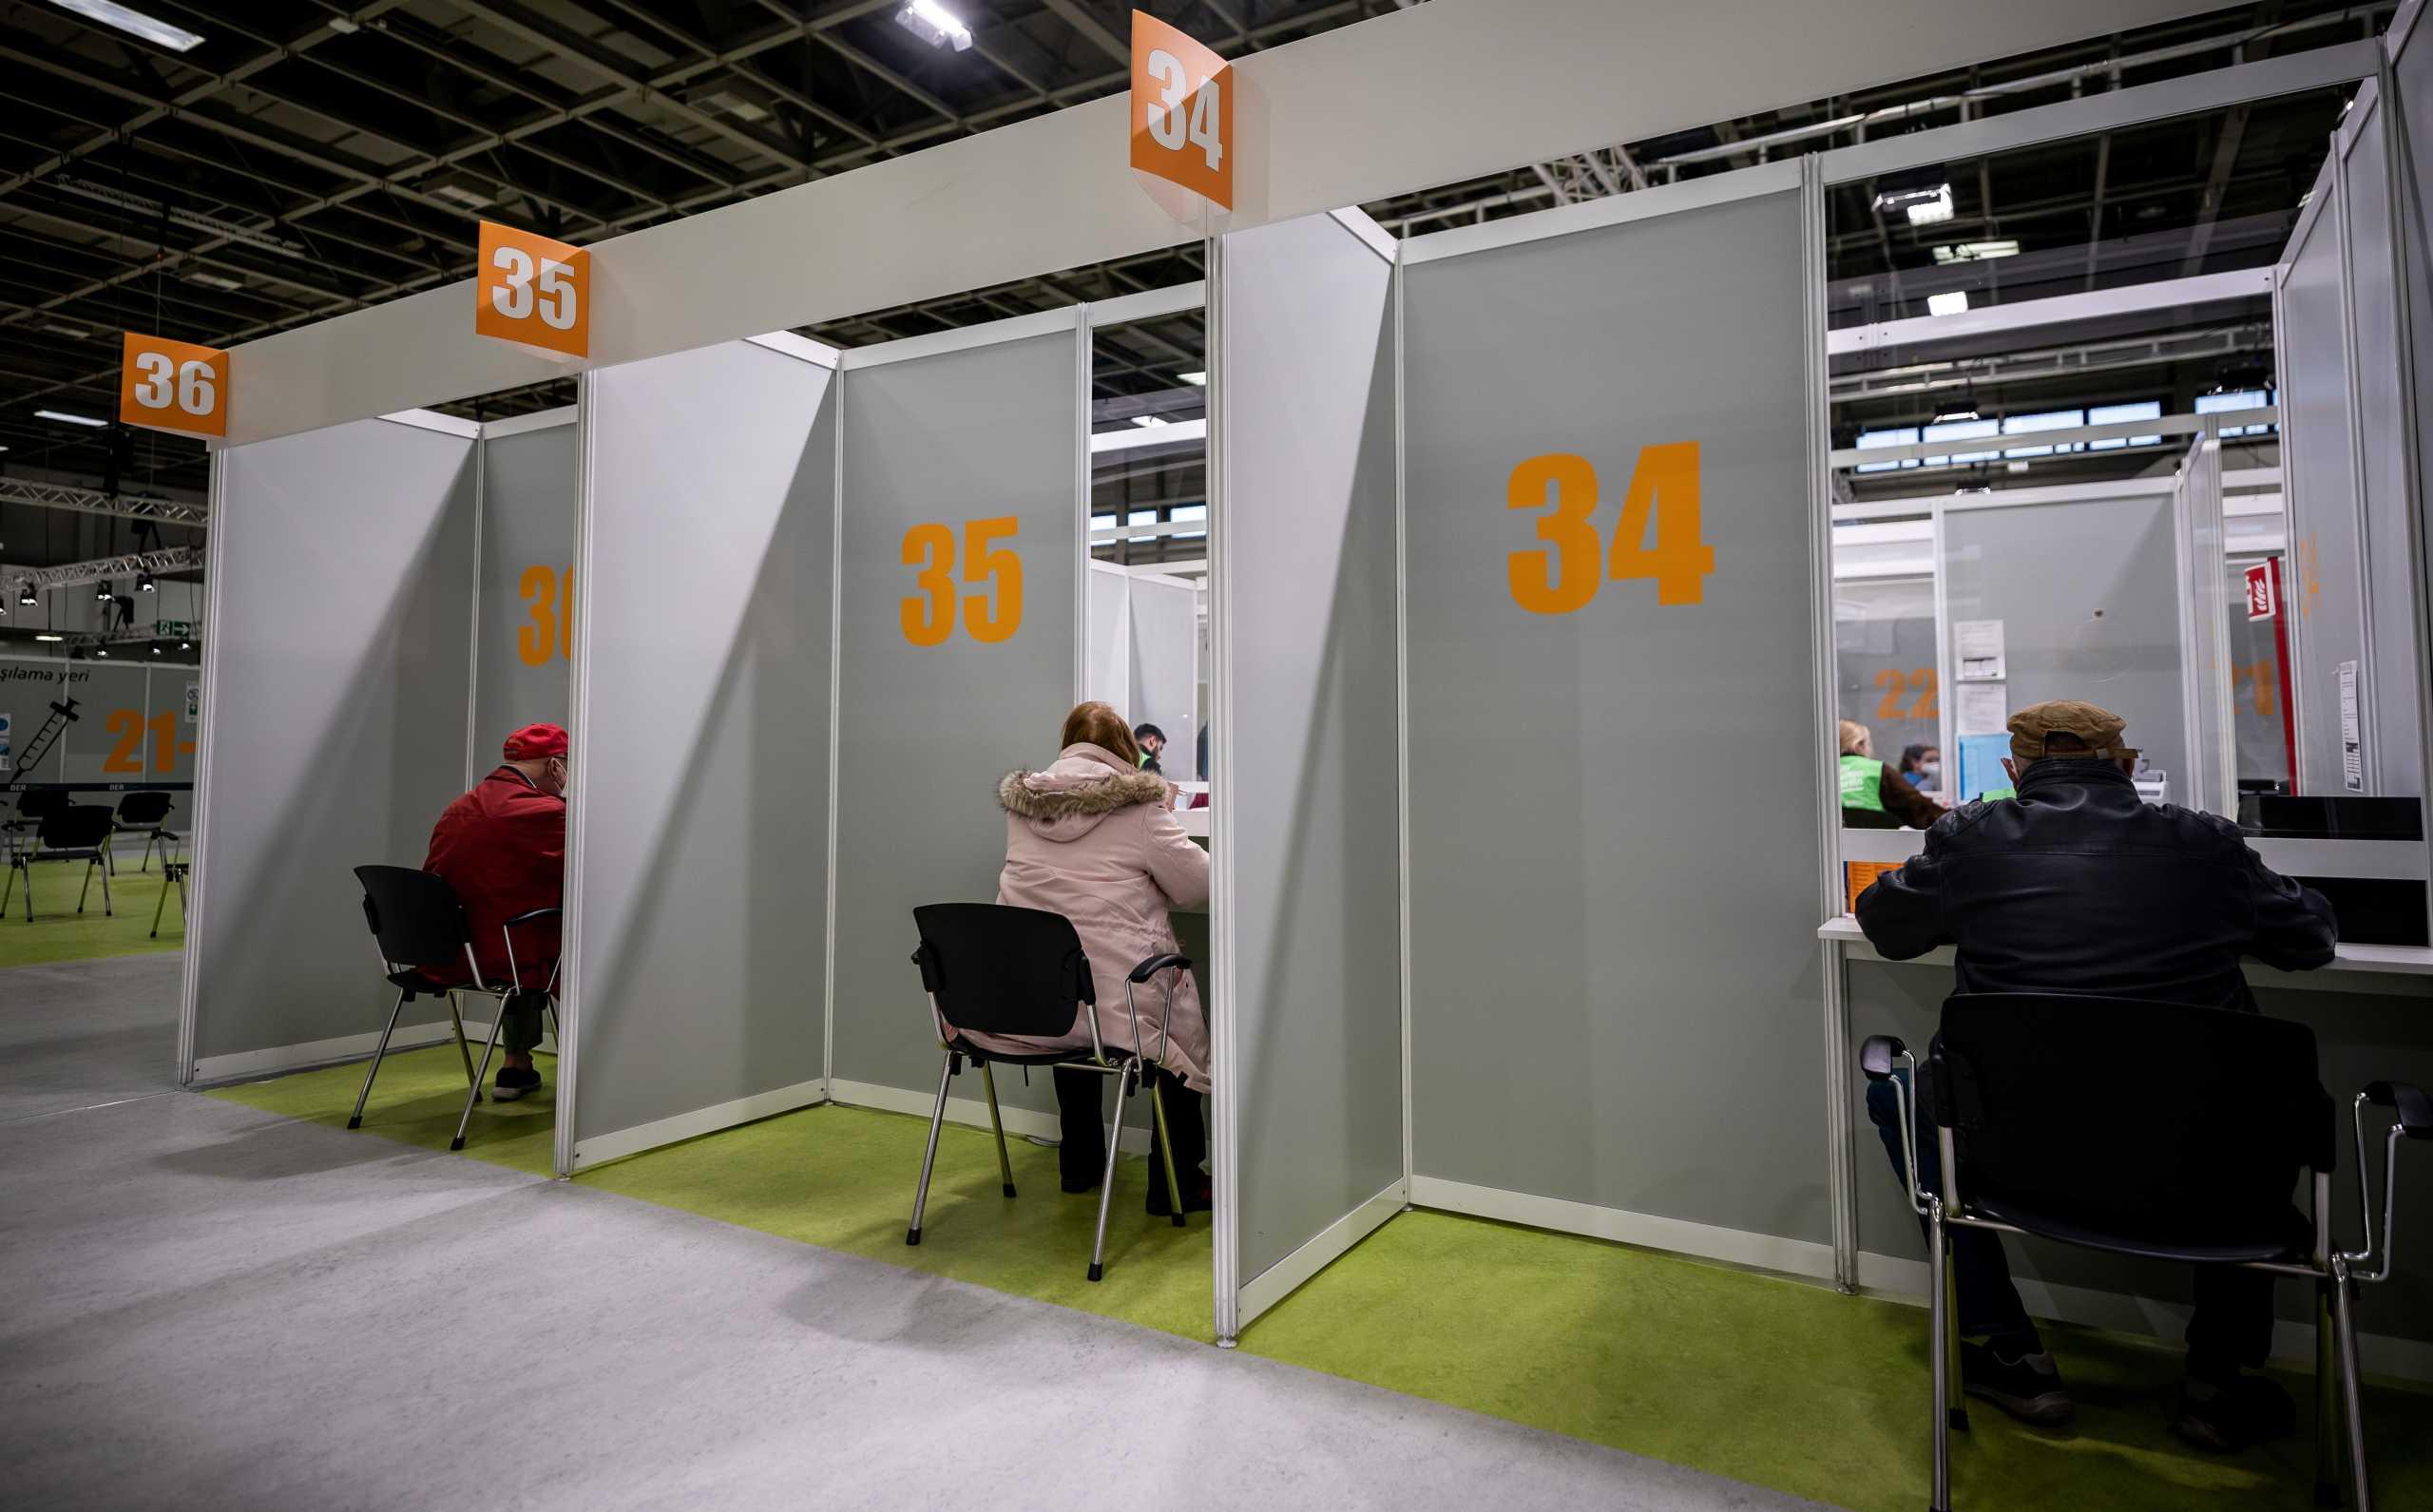 Γερμανία: Το 20% του πληθυσμού αναμένεται να έχει εμβολιαστεί μέχρι τον Μάιο